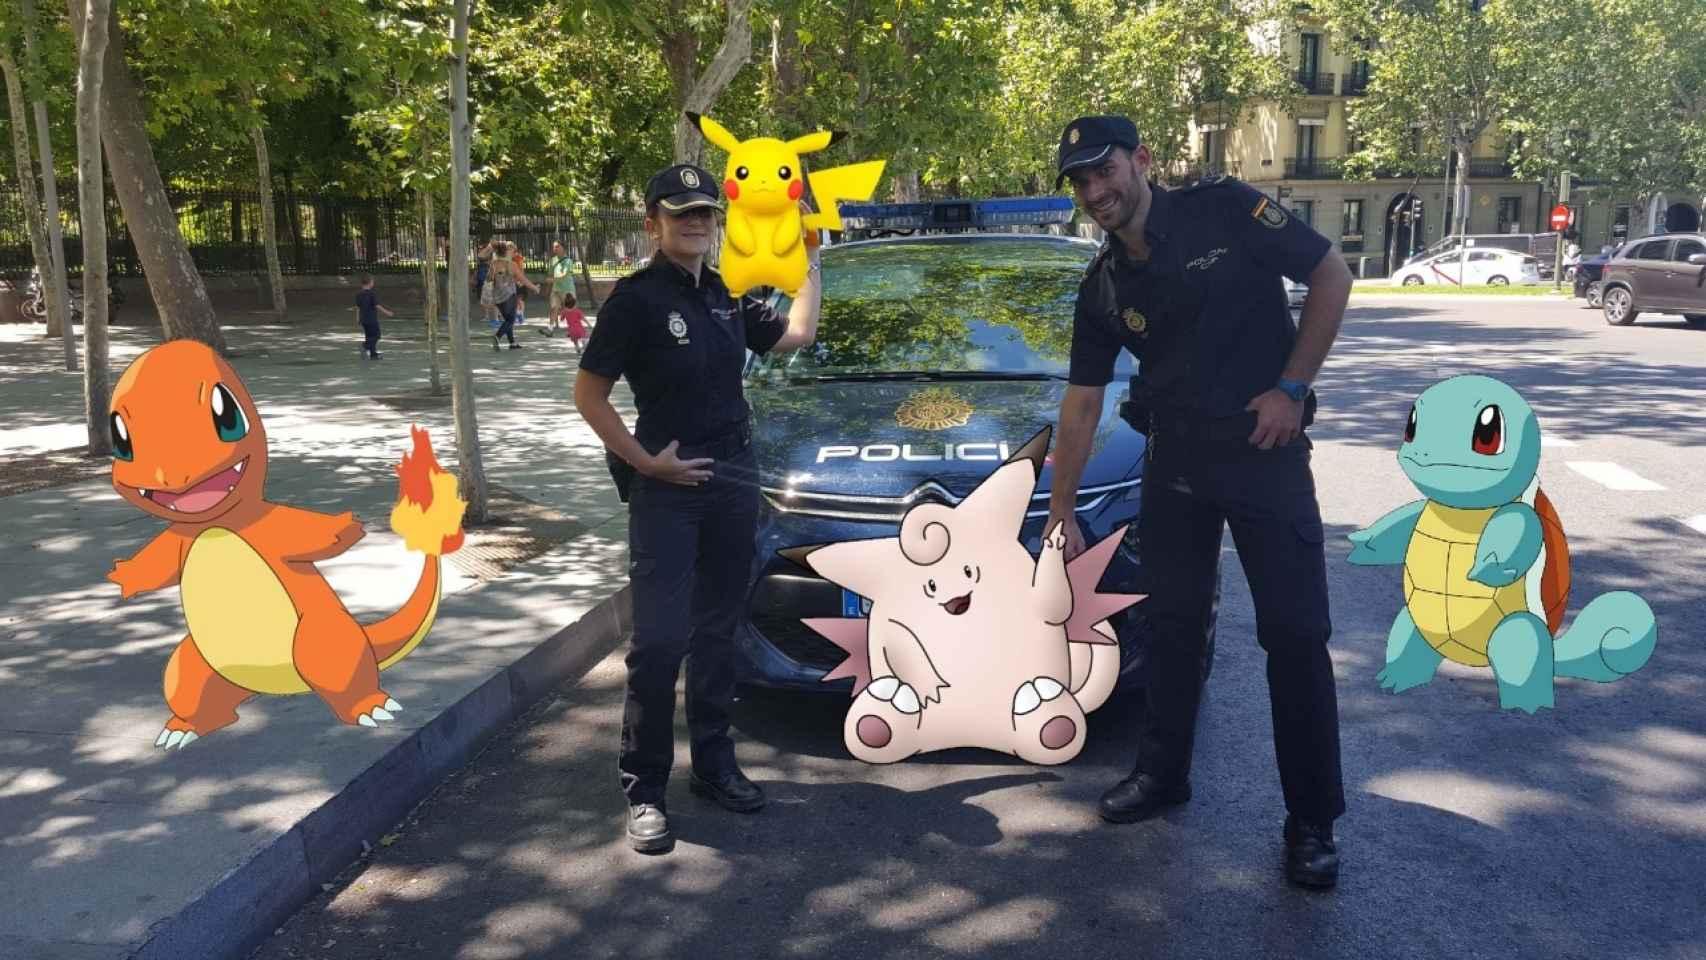 Dos agentes de la Policía rodeados de Pokémon.